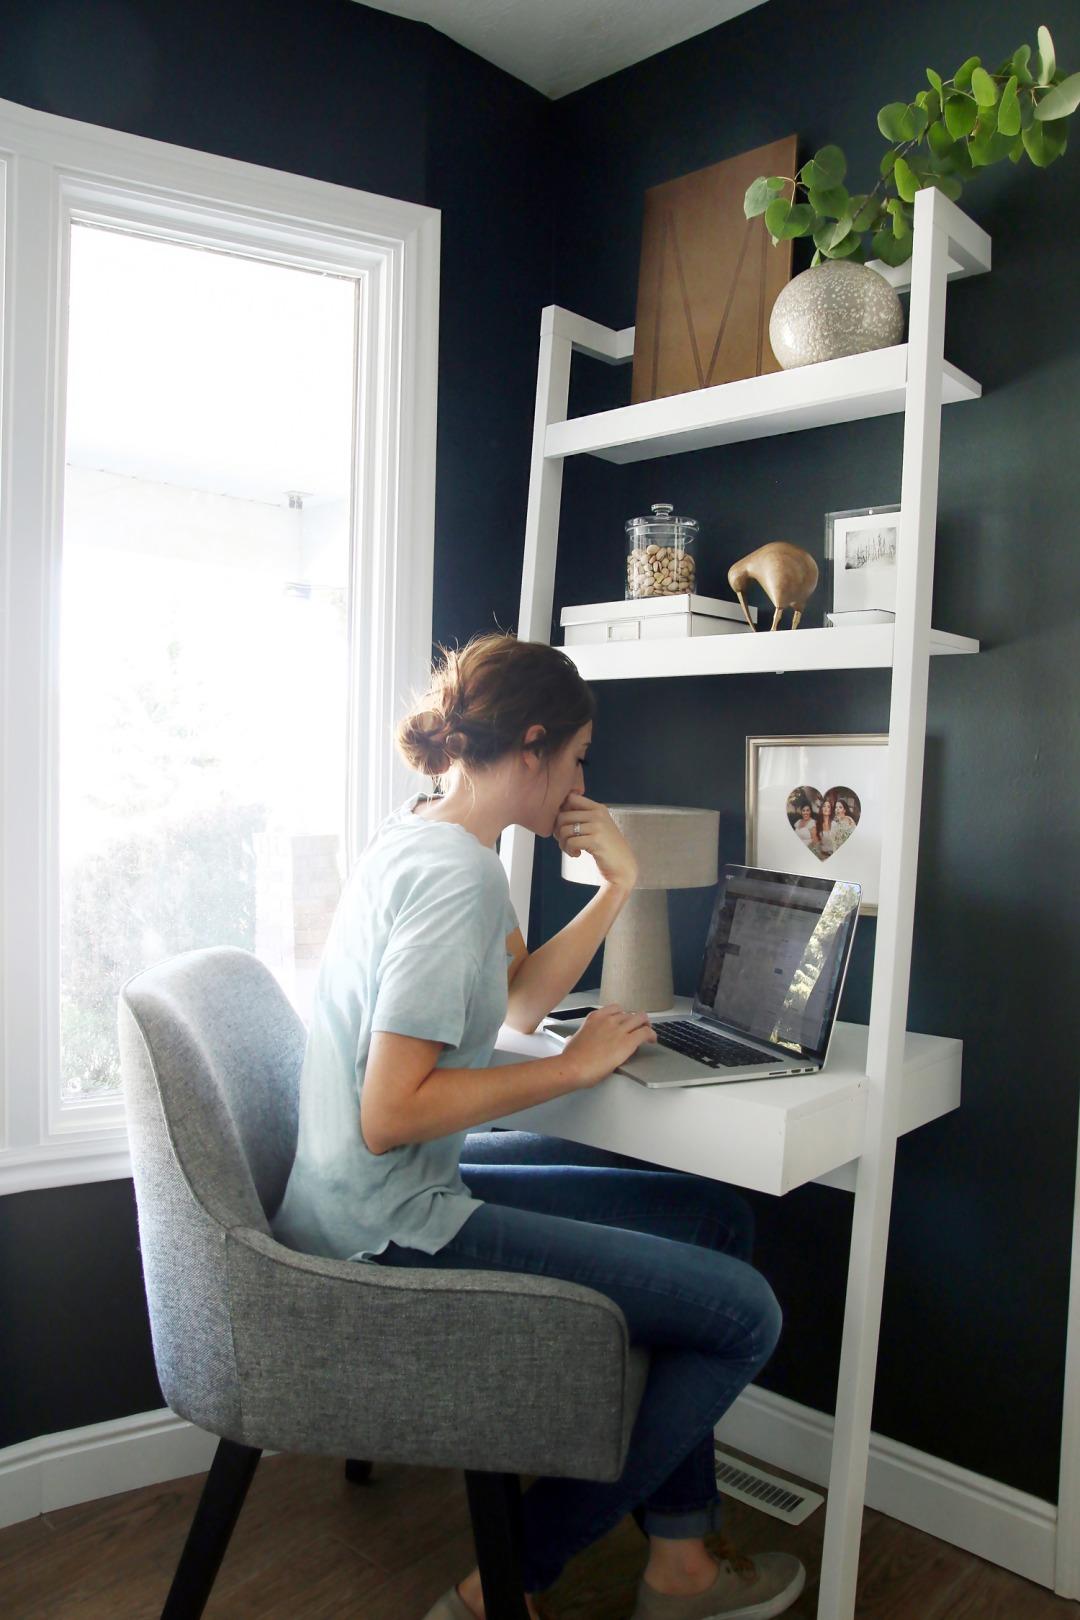 2f1507ee2d3c11b94b9eb43ab7d15372--small-office-spaces-work-spaces.jpeg